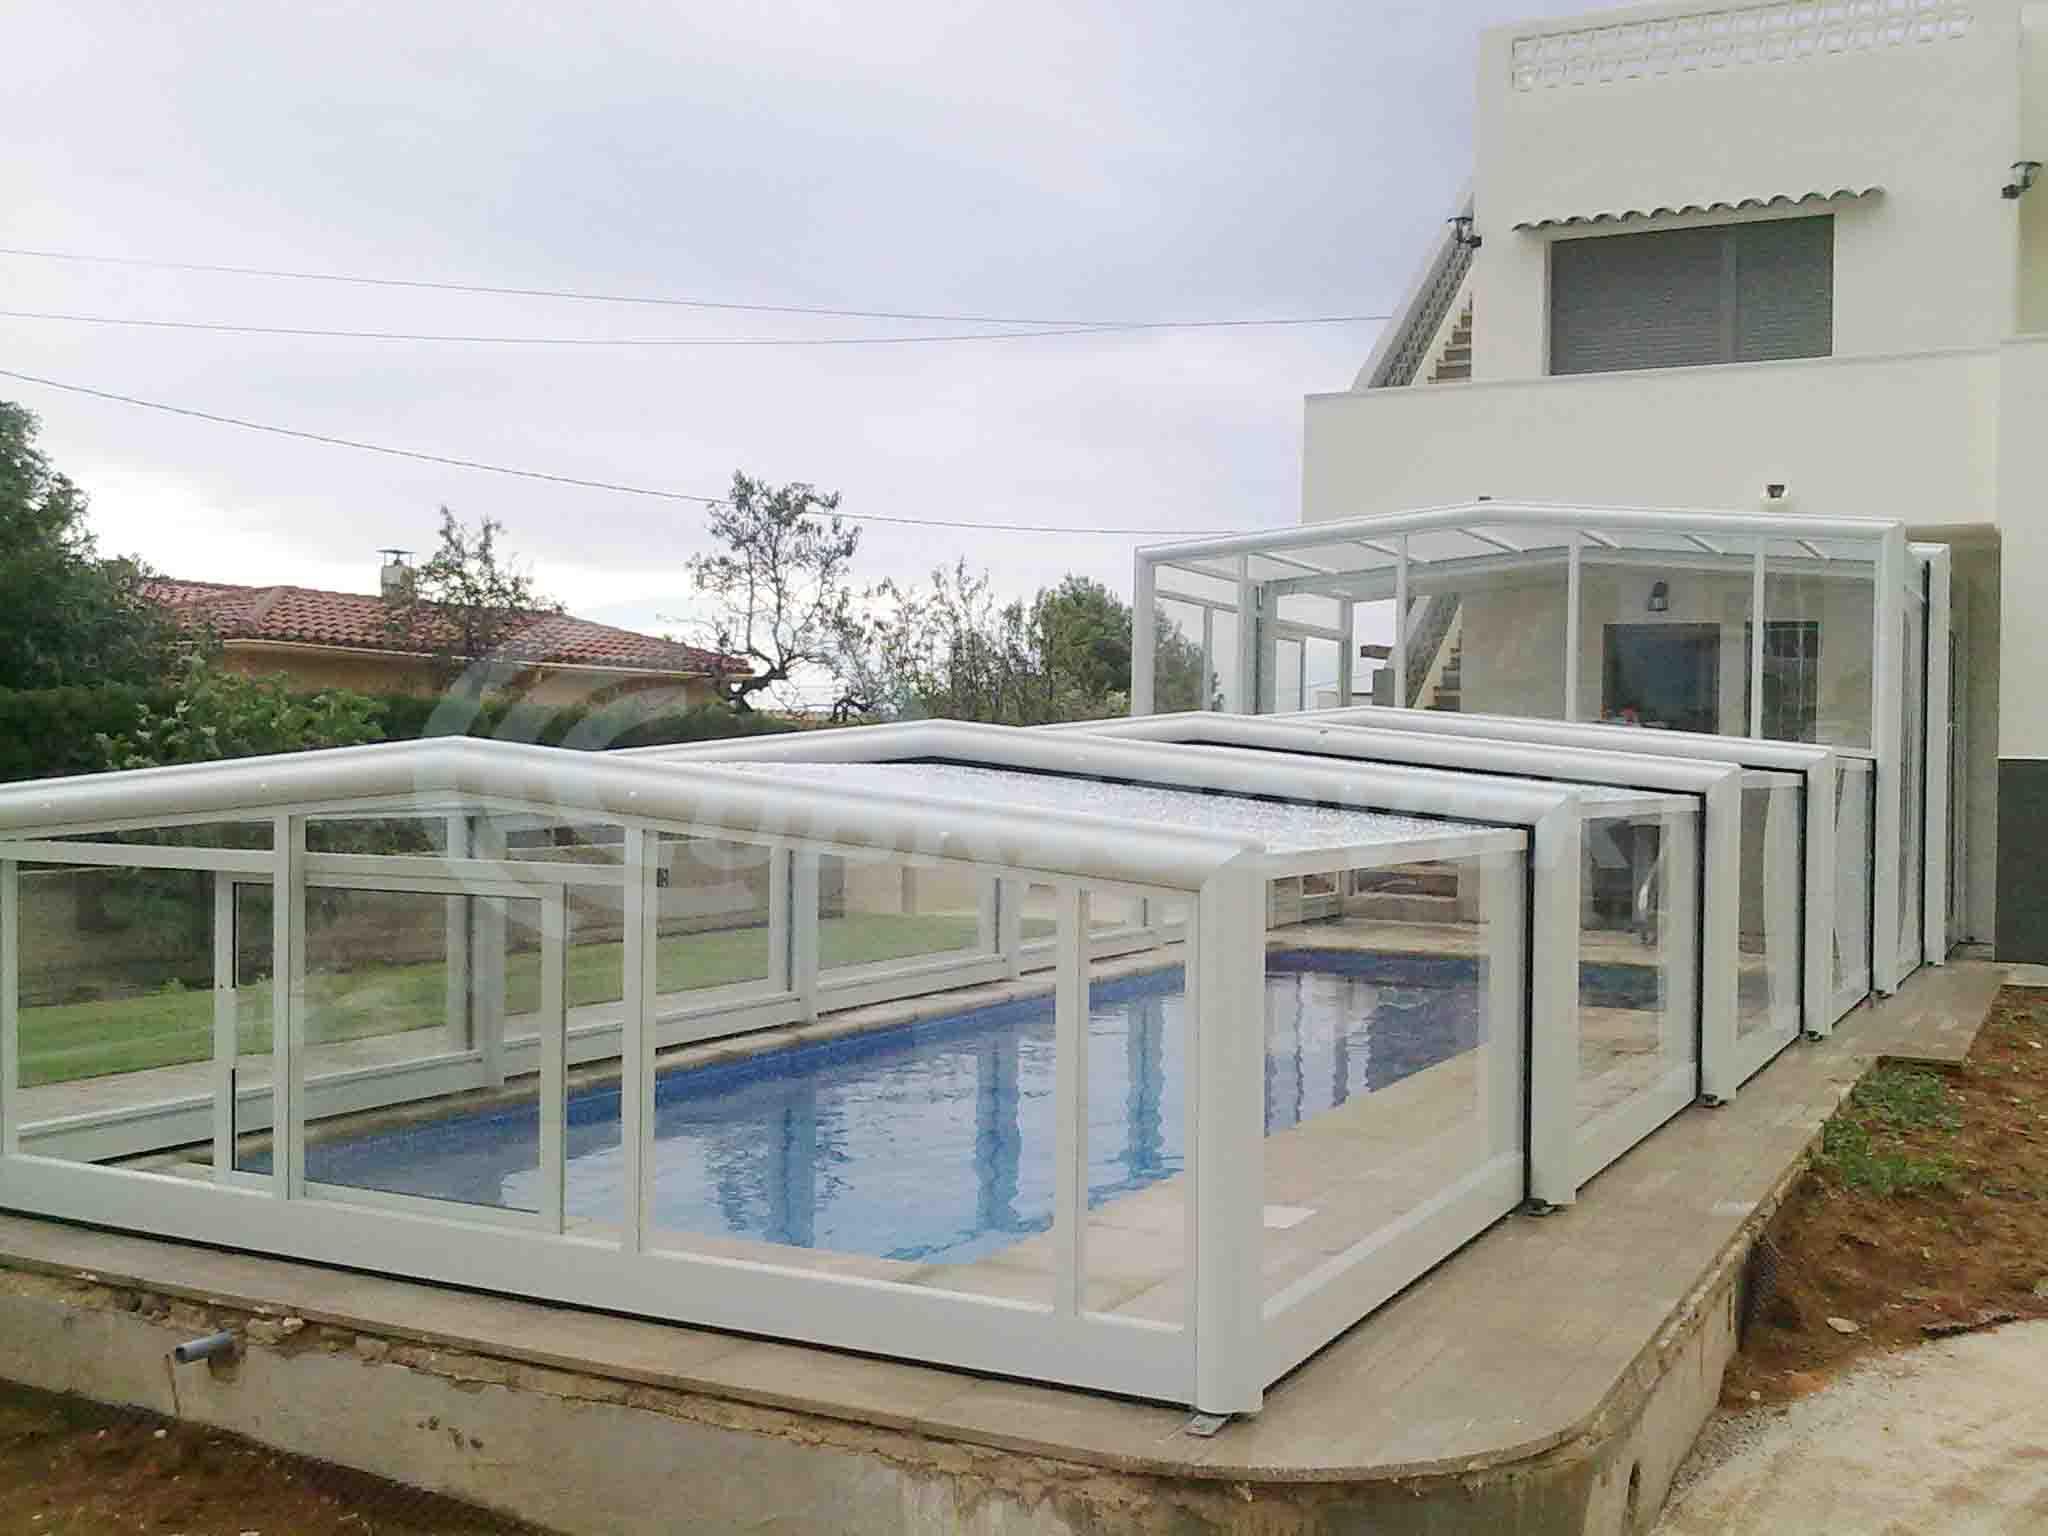 Cubiertas telescopicas malaga 2 cubiertas para piscina y cerramientos de piscina cubricover - Piscinas cubiertas malaga ...